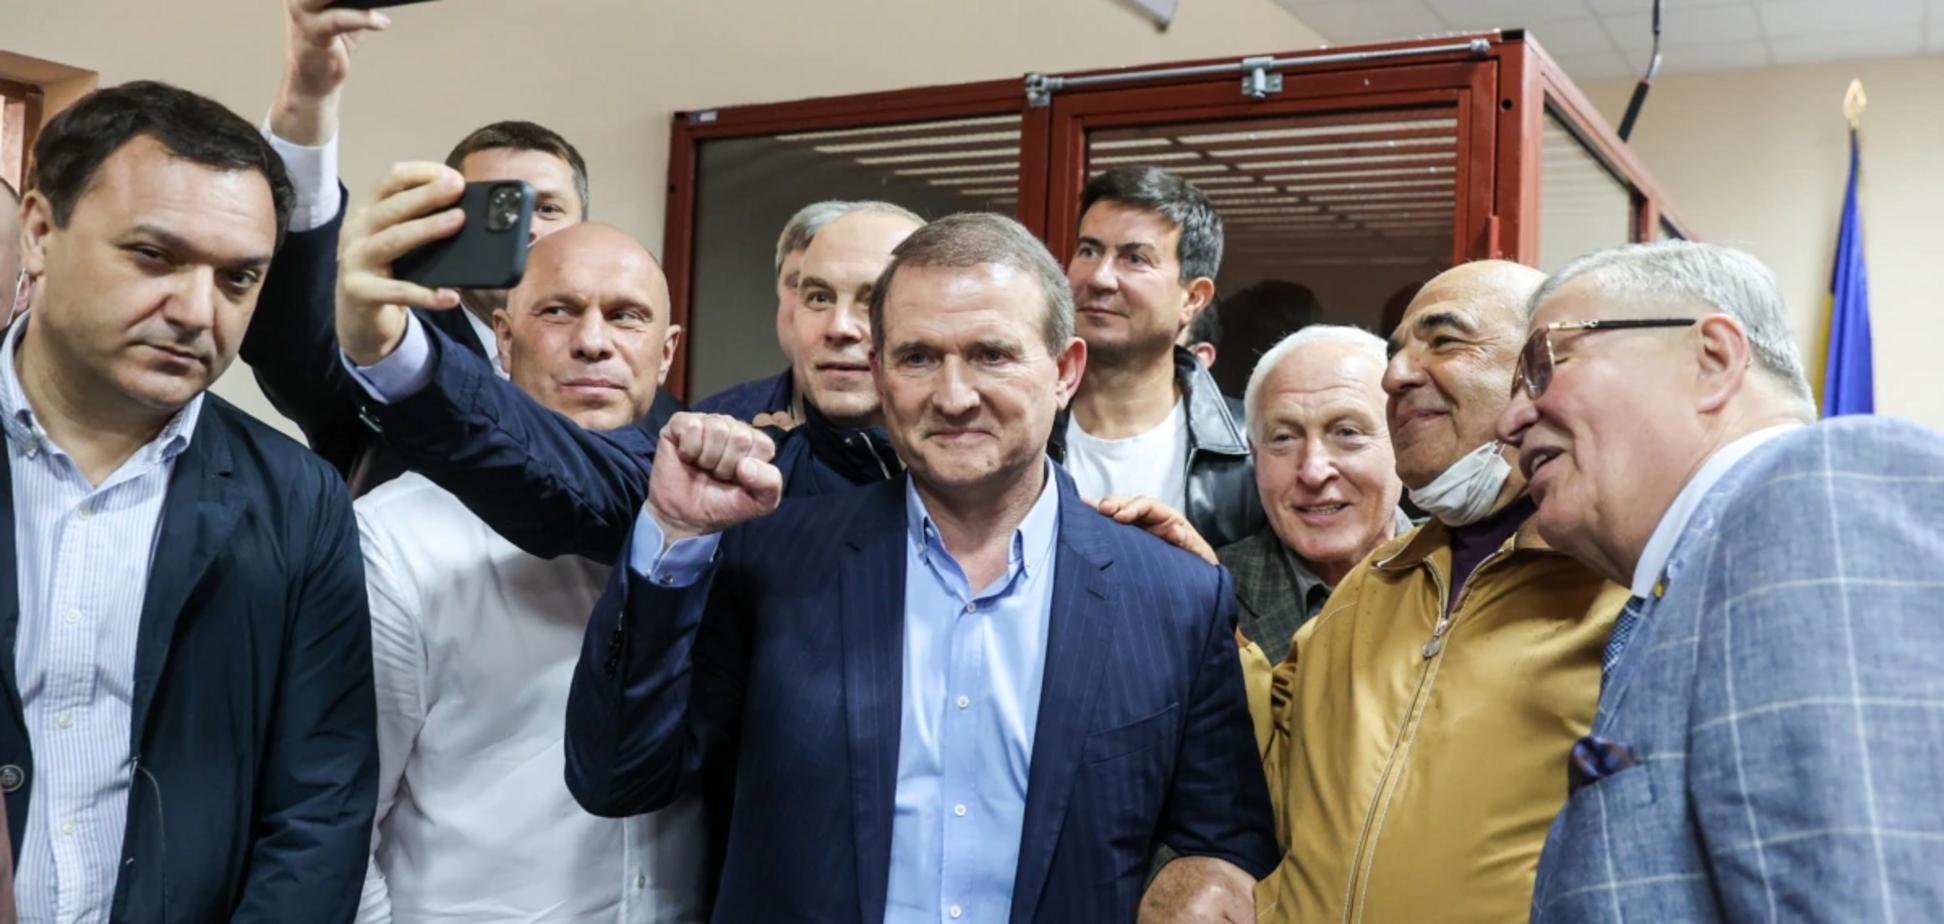 Медведчук обжаловал решение Печерского суда